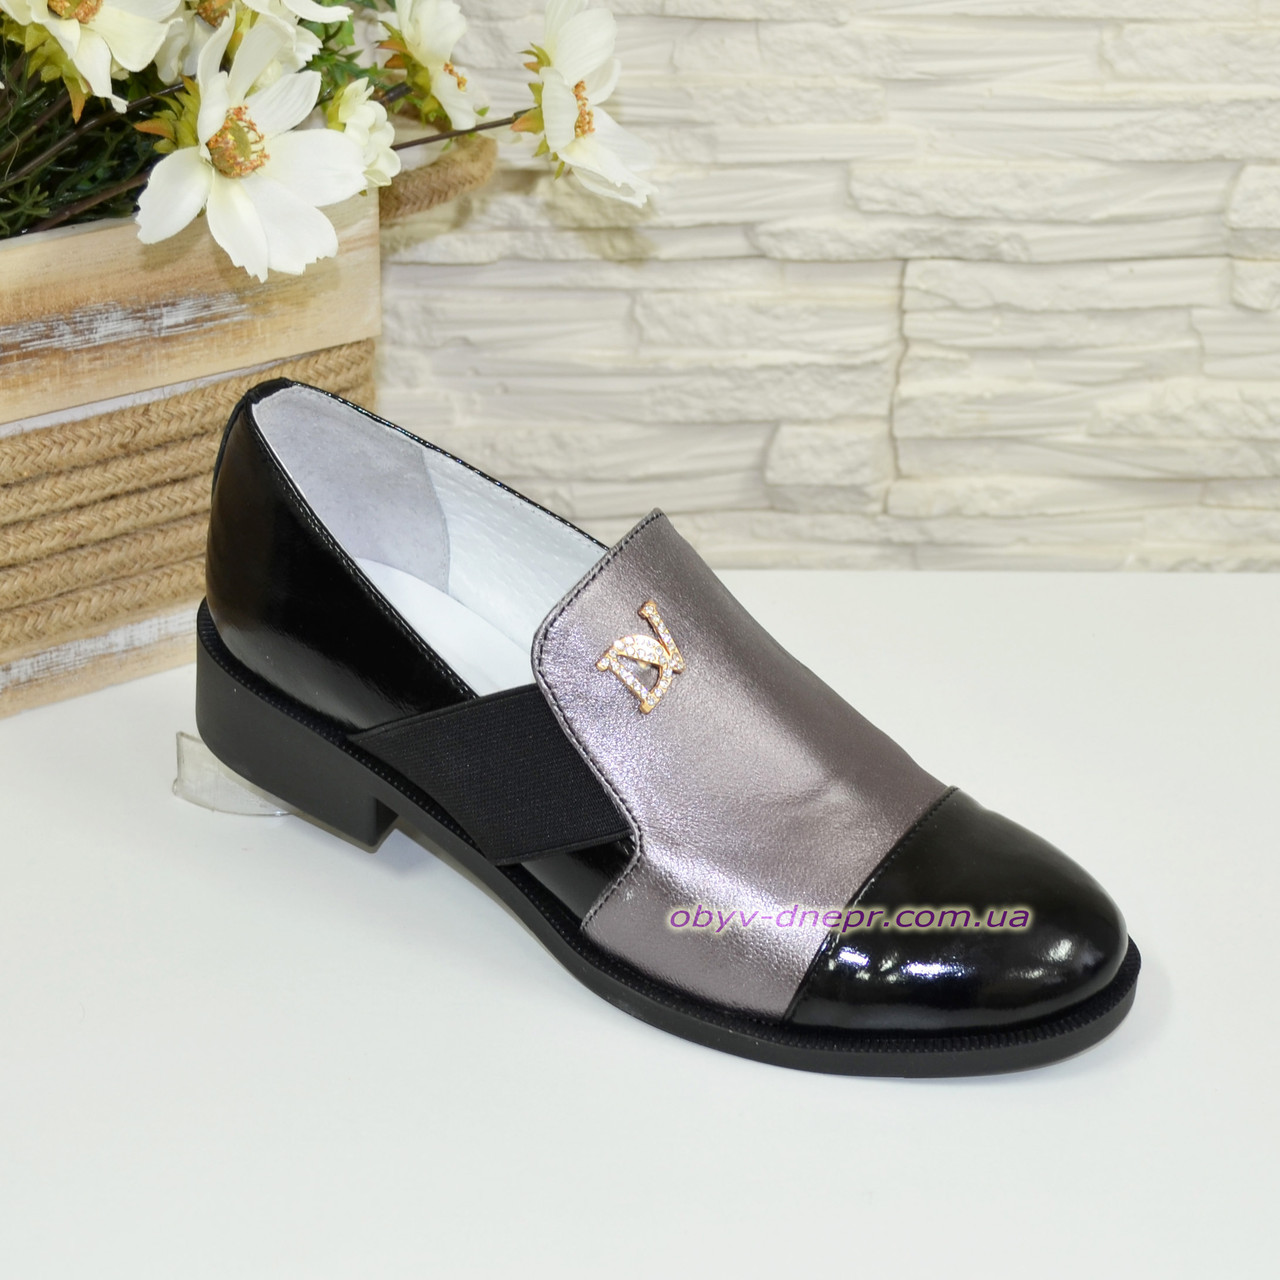 Туфли женские на низком ходу, натуральная кожа и лак  продажа, цена ... 2f2d612abab